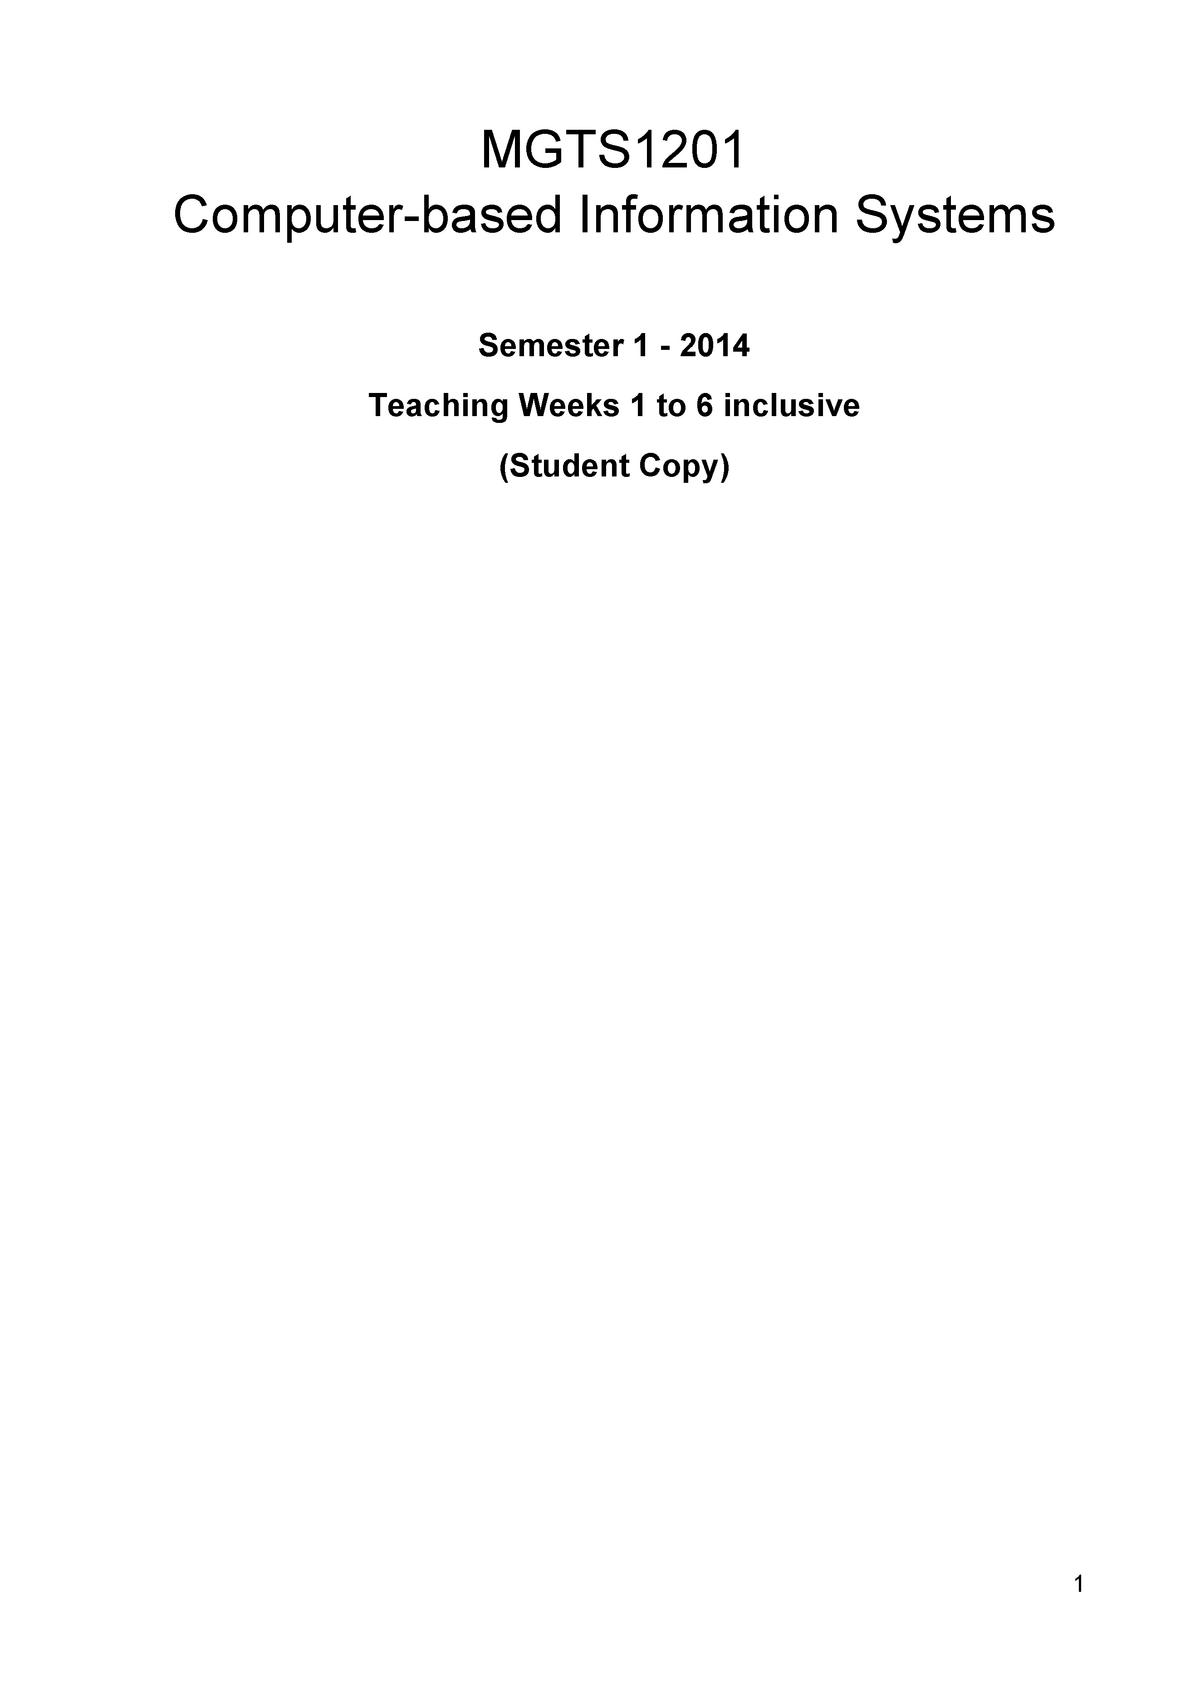 Tutorial work - week 1 - 6 - MGTS1201: Computer-Based